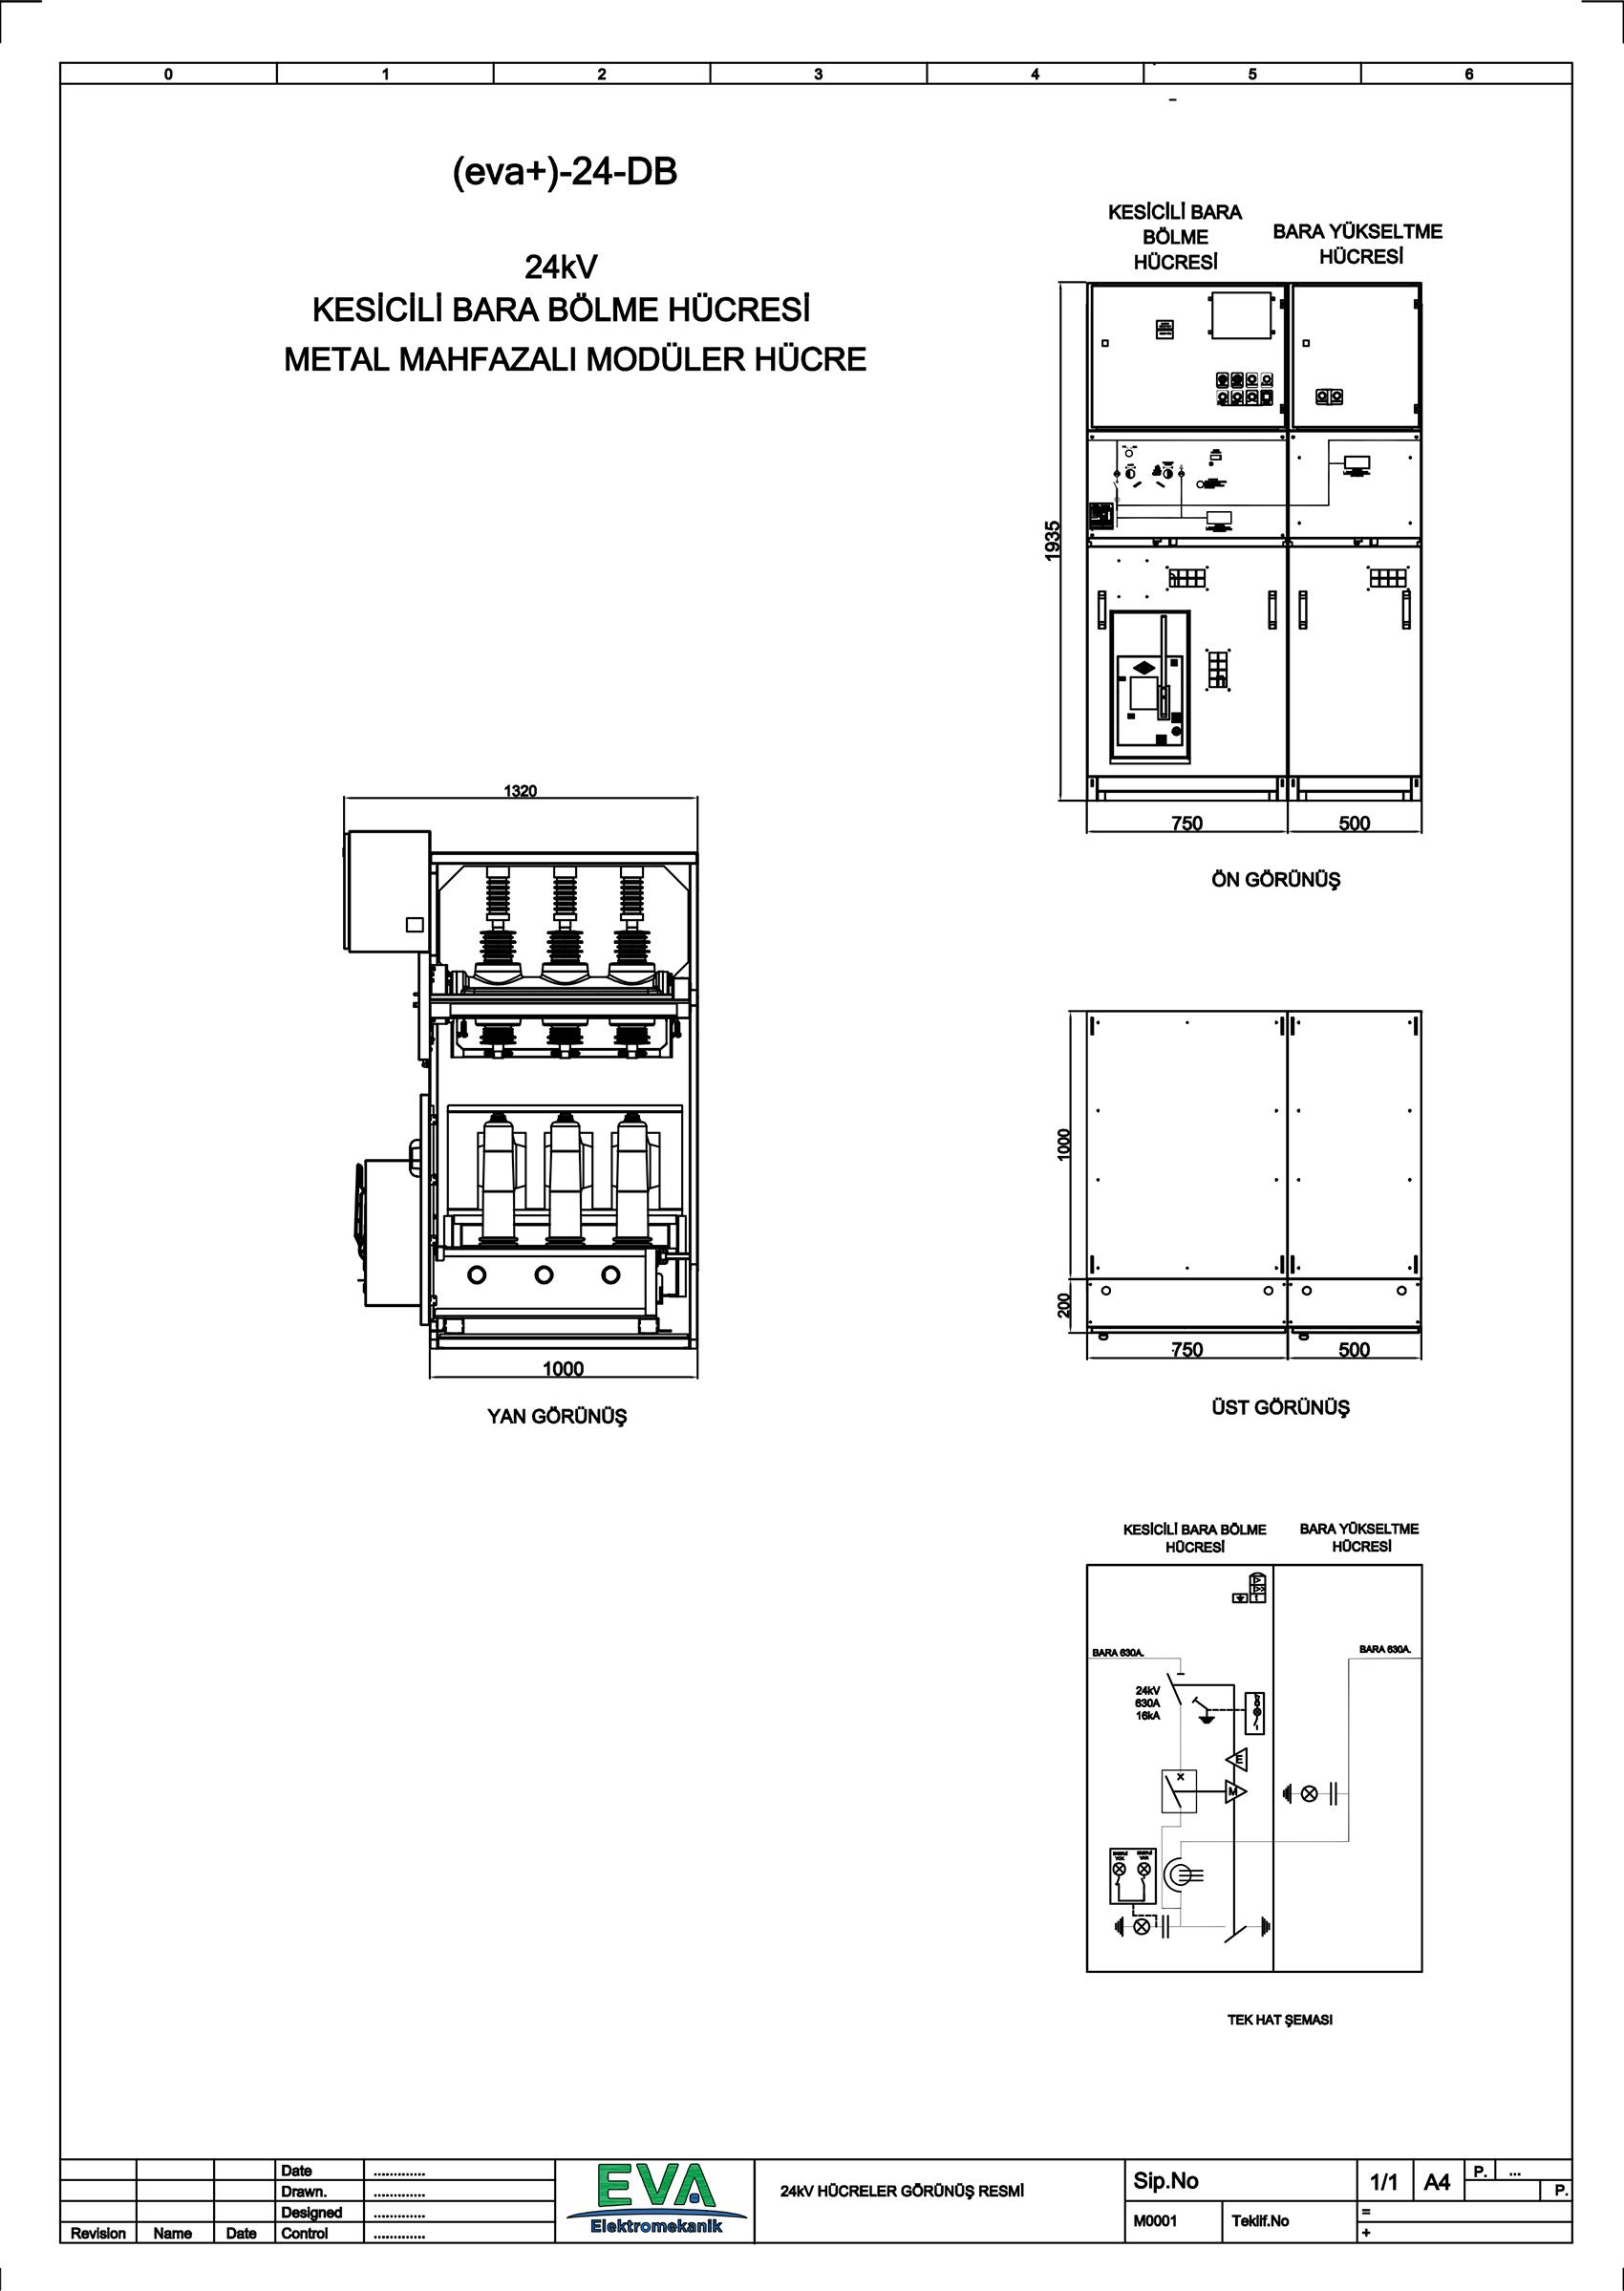 EVA+-24-DB Kesicili Bara Bölme Hücresi (Metal Mahfazalı Modüler Hücre)